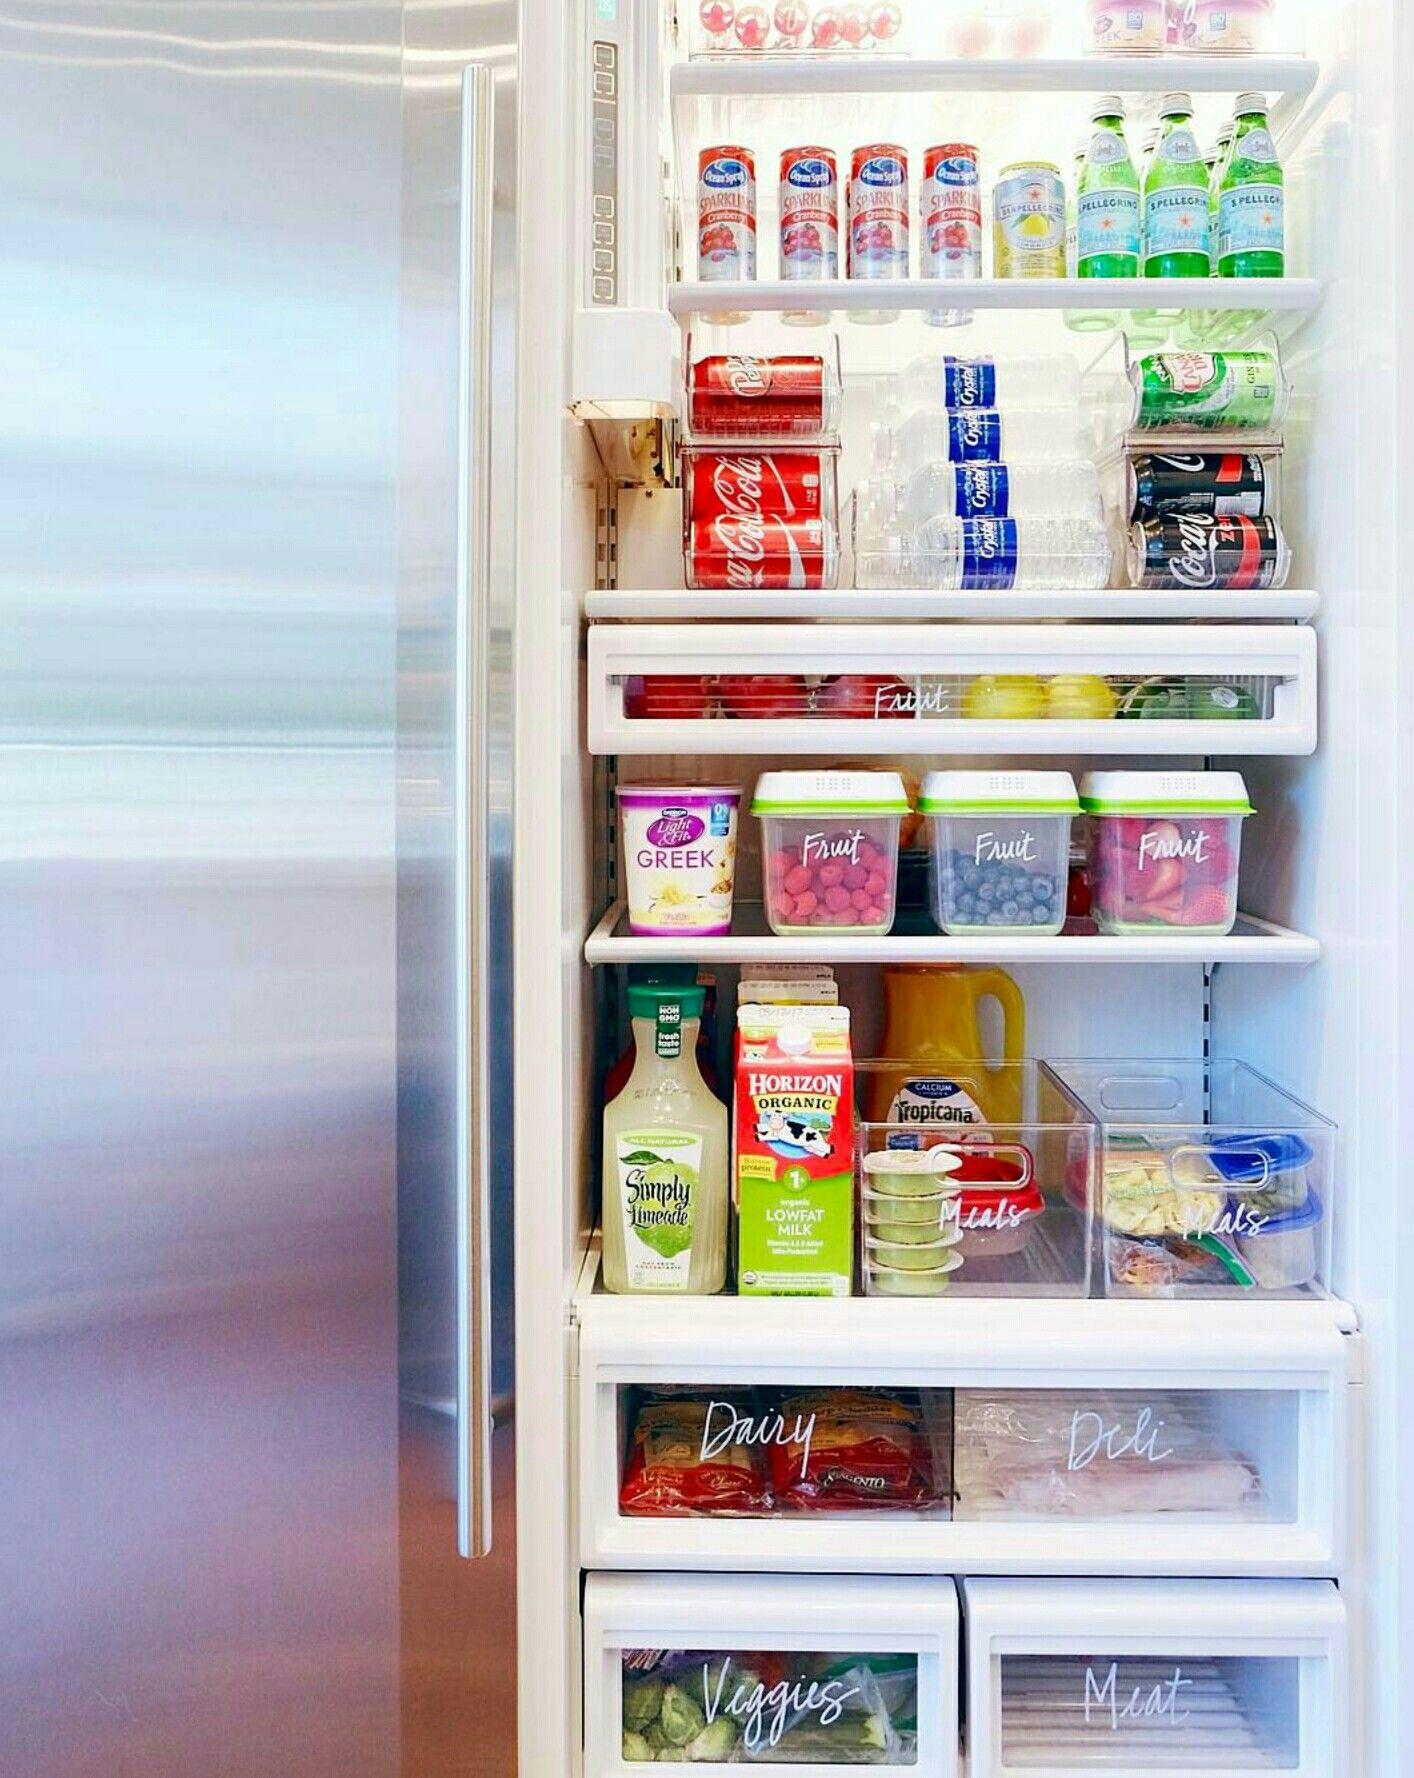 refrigerator storage. storage organization refrigerator g